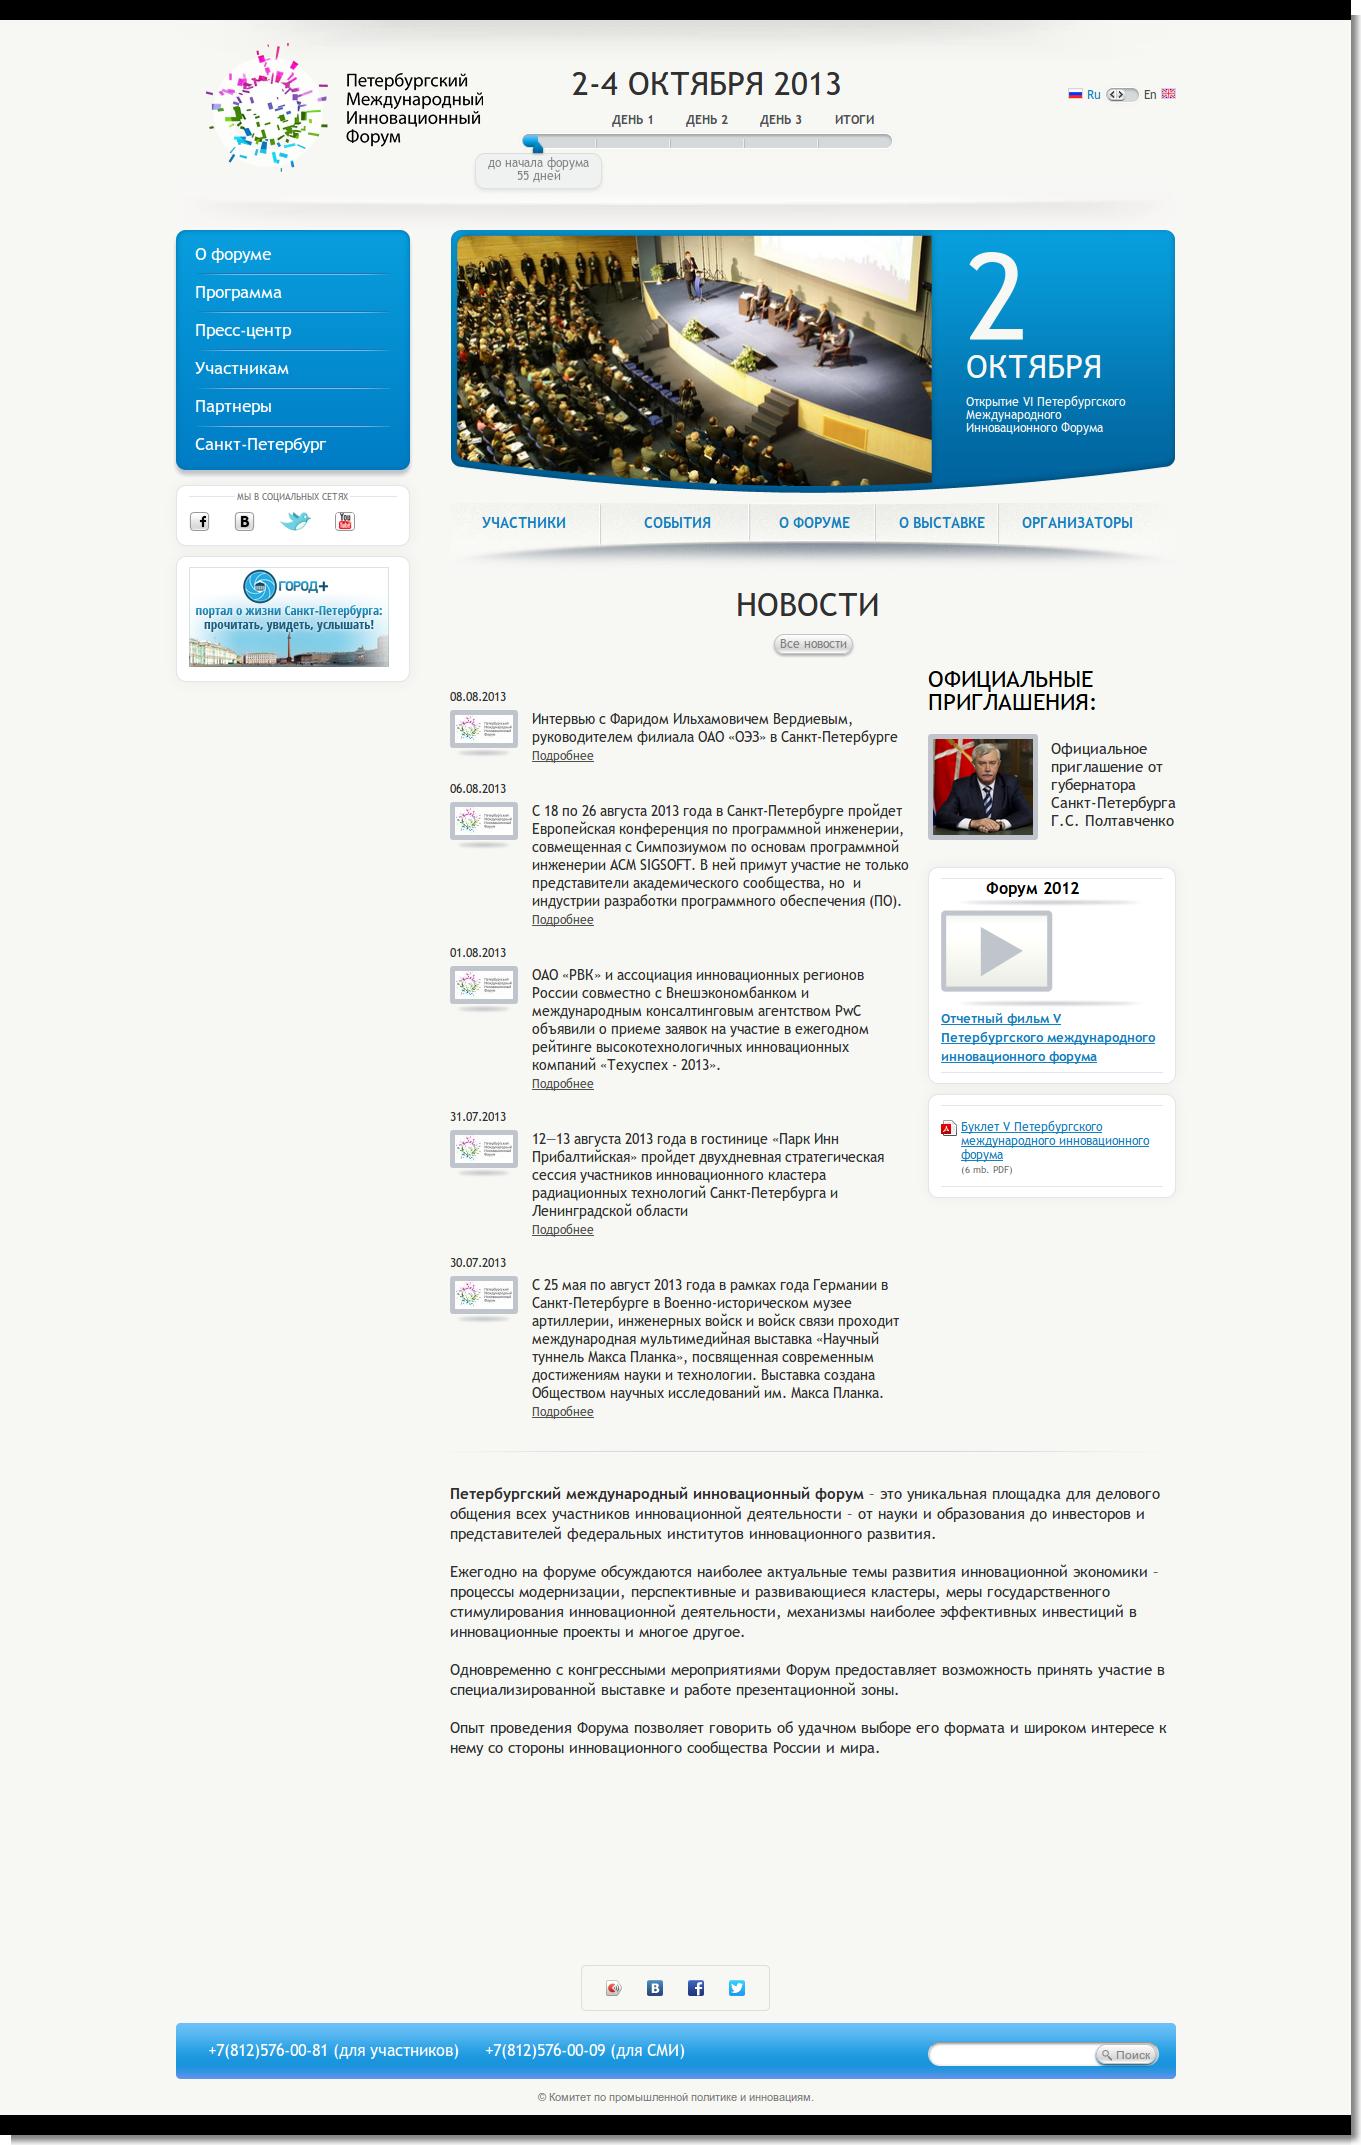 Информационный сайт Петербургского международного инновационного форума